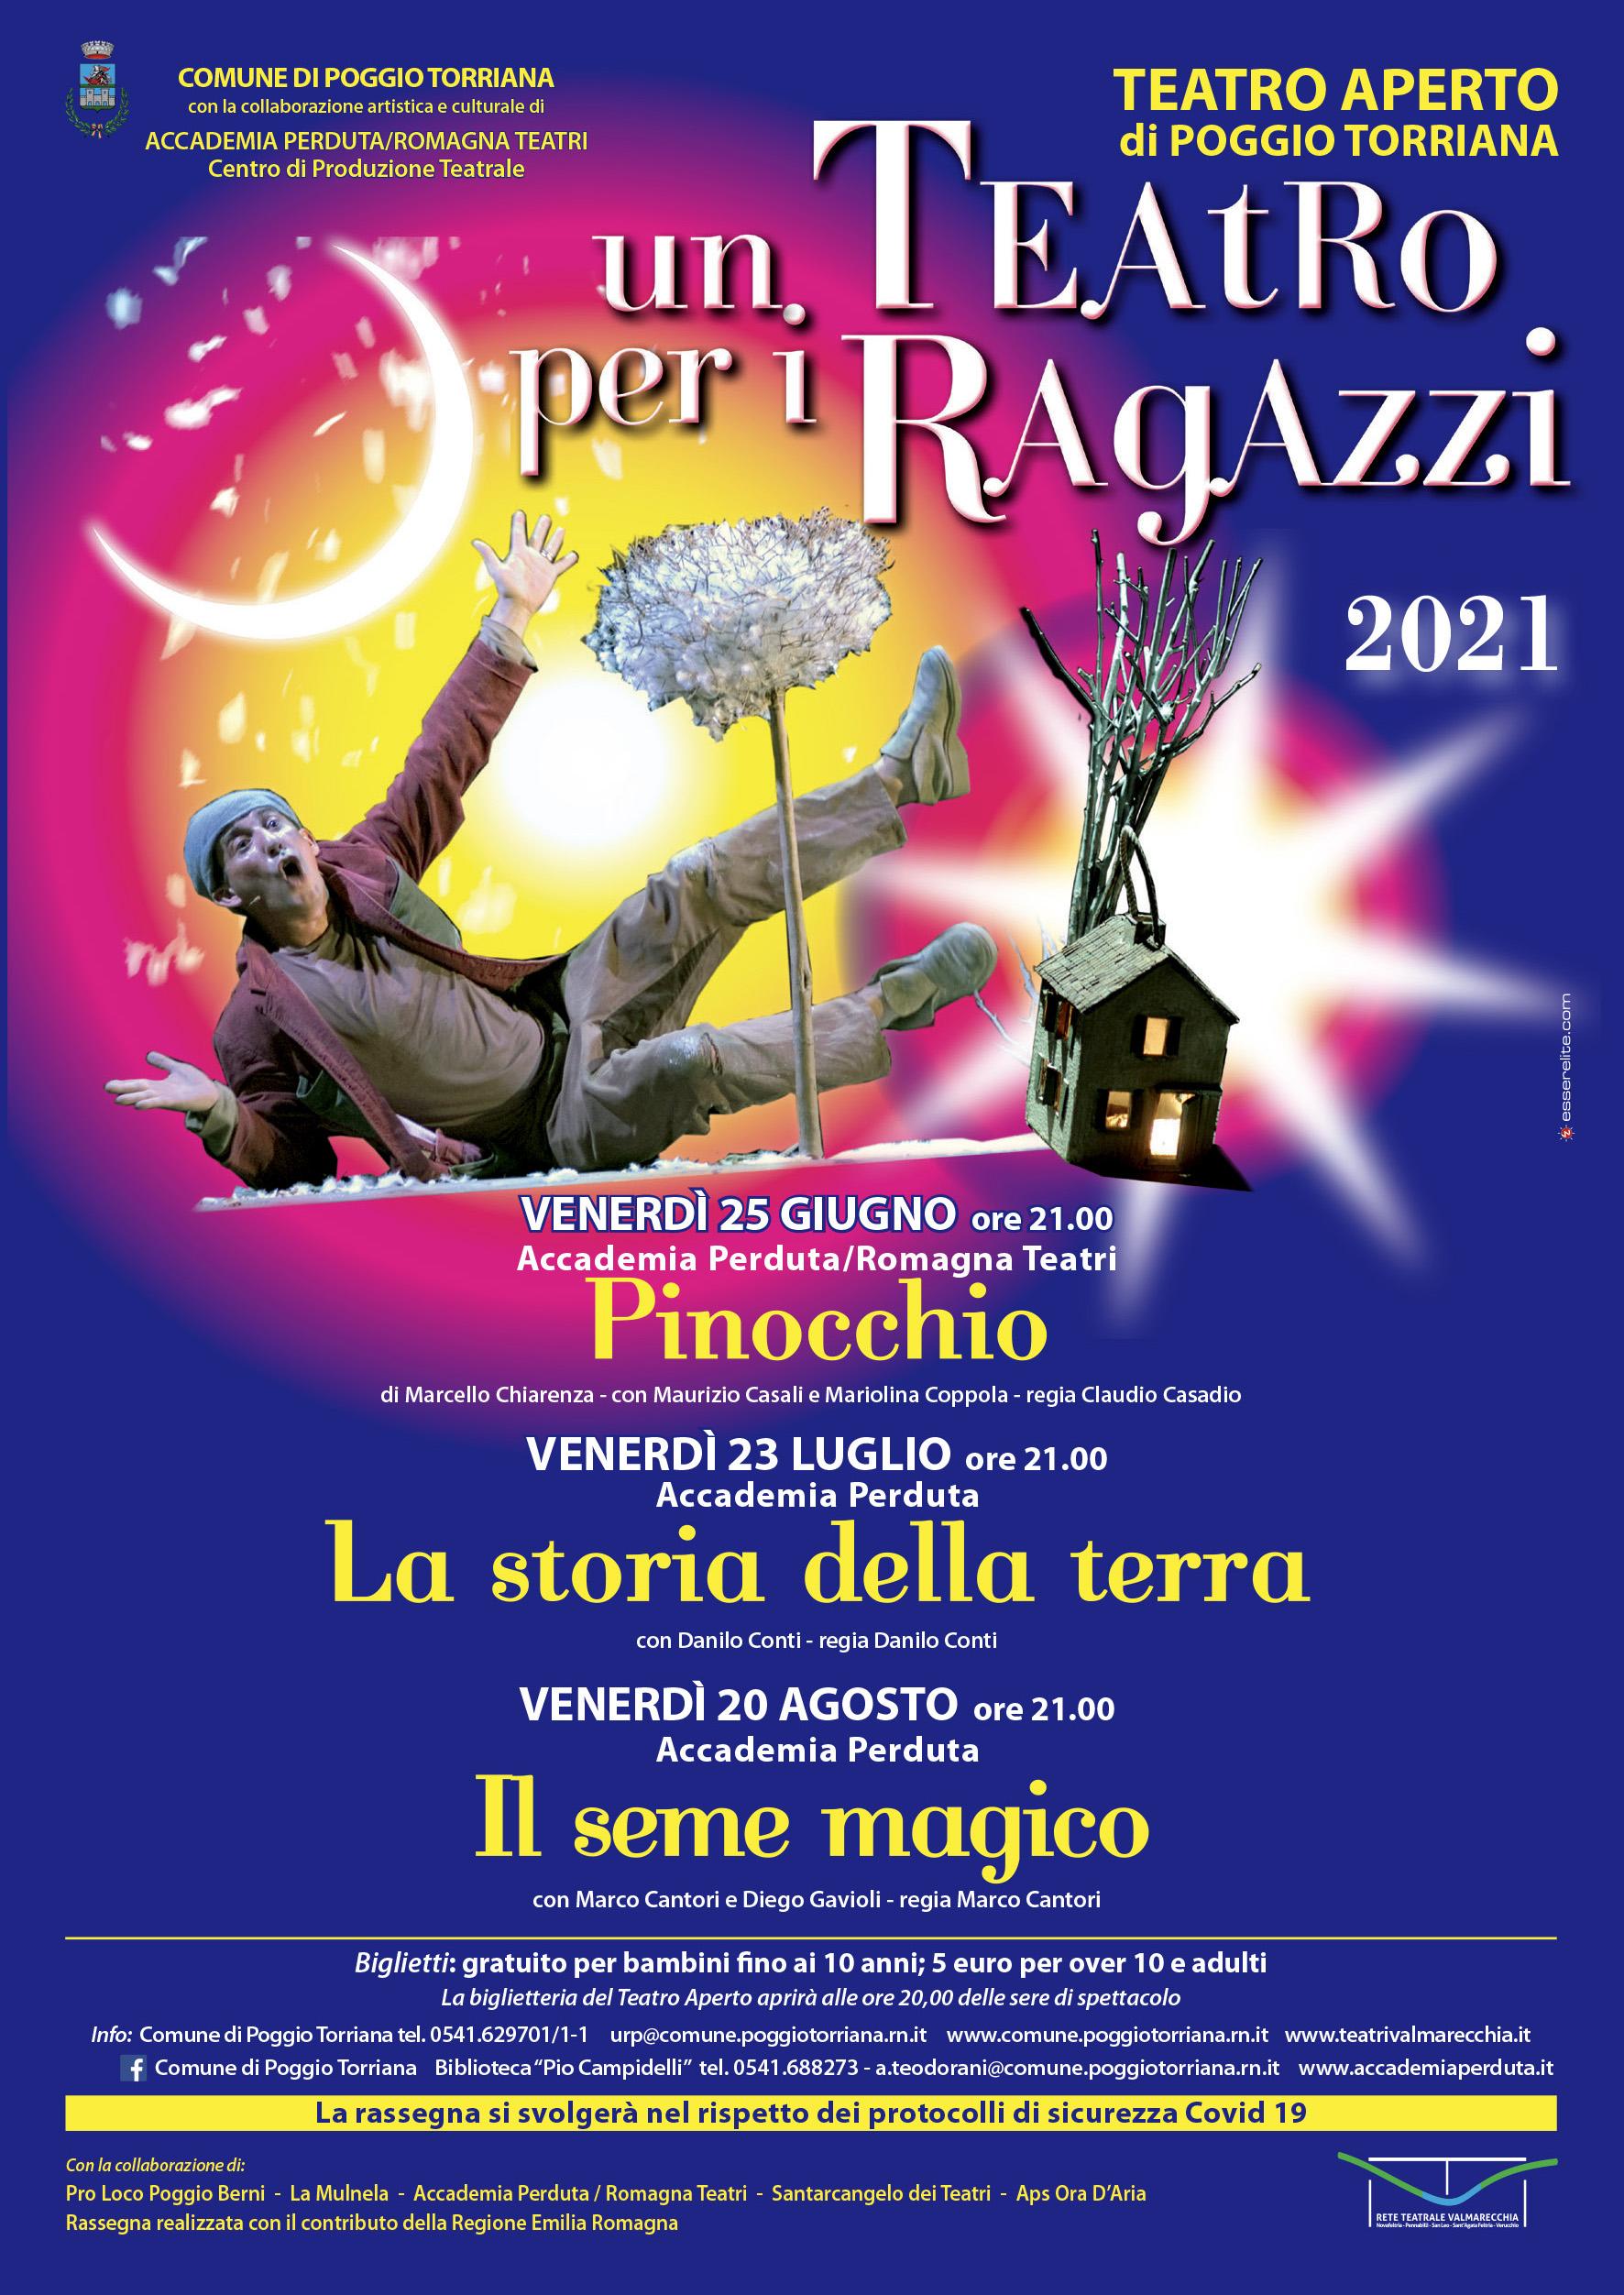 Teatro ragazzi cartolina 2021_.jpg